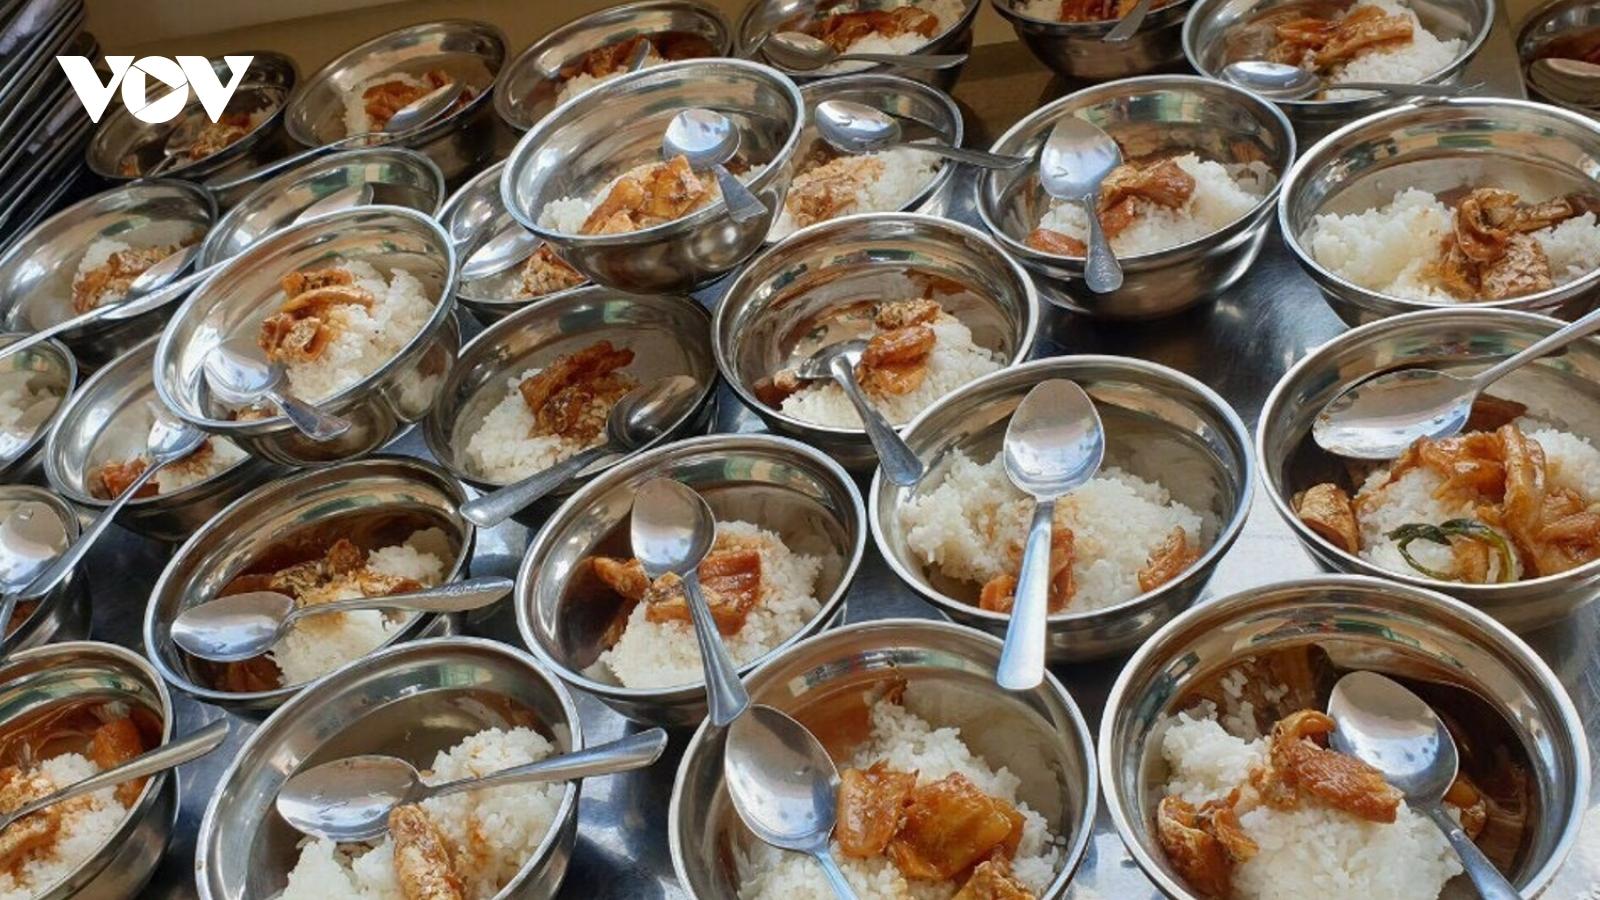 Phụ huynh bức xúc vì khẩu phần ăn bán trú bị bớt xén